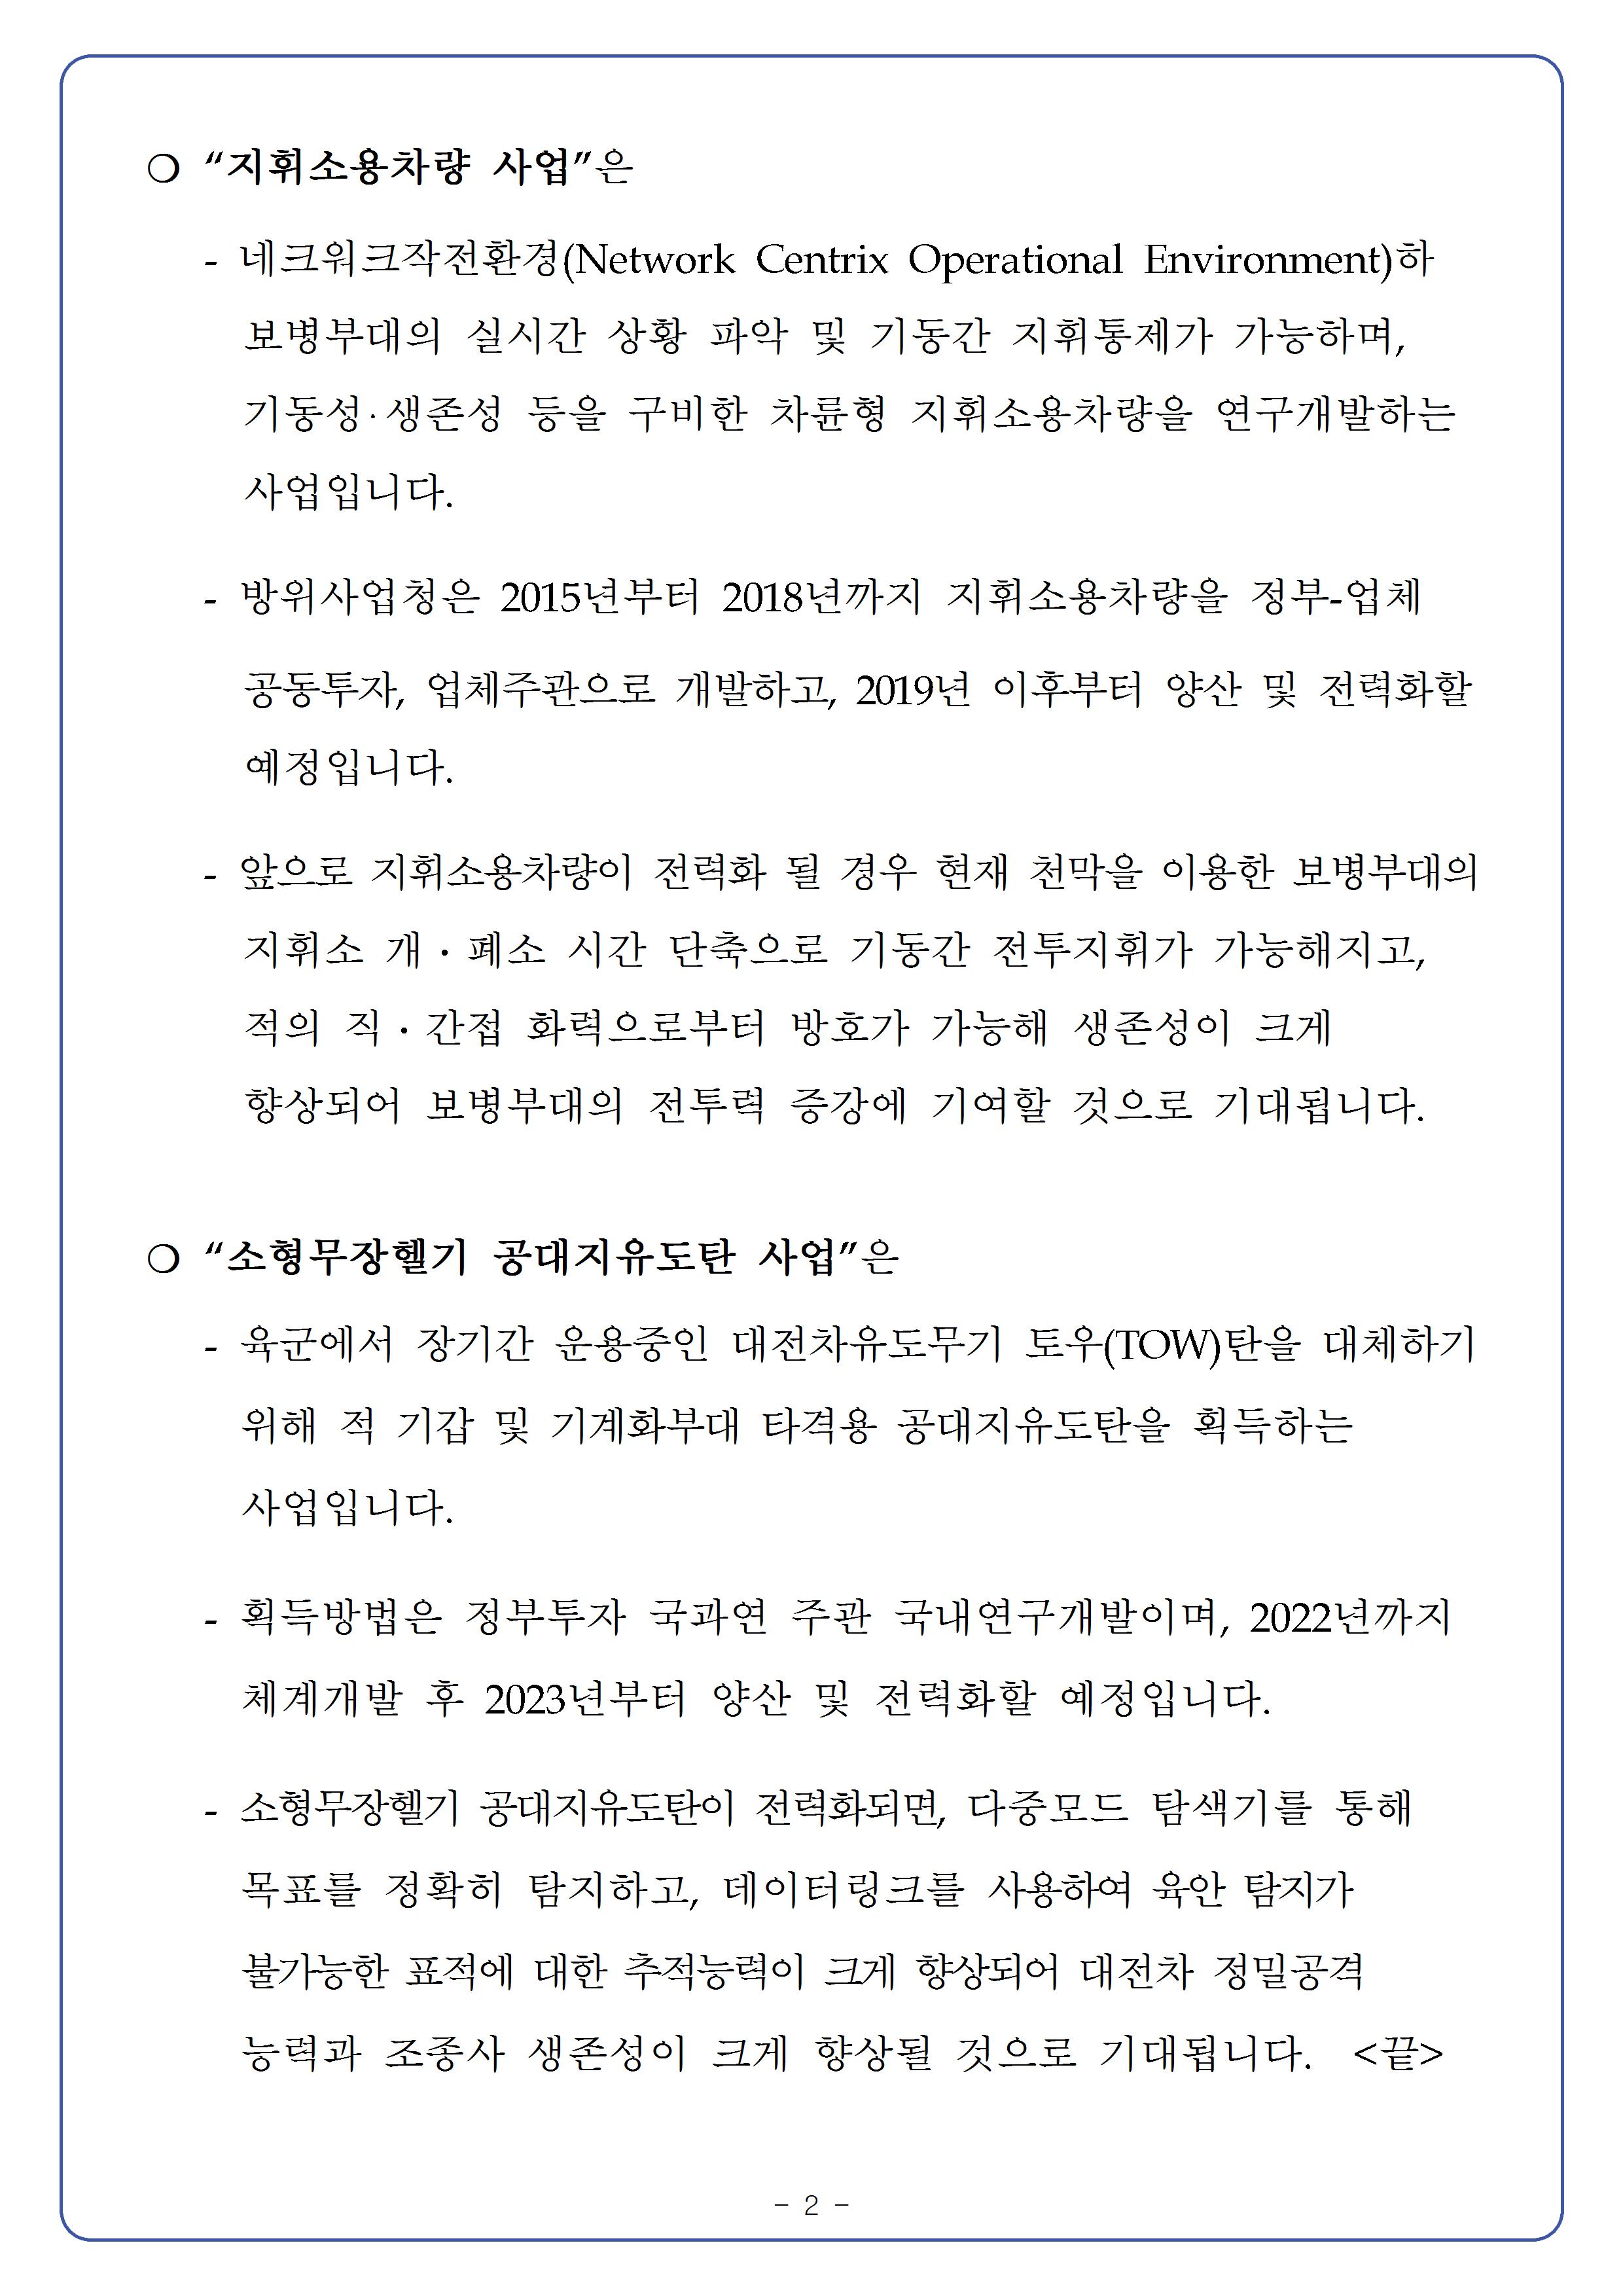 20150602-제88회 방위사업추진위원회 개최 결과002.png